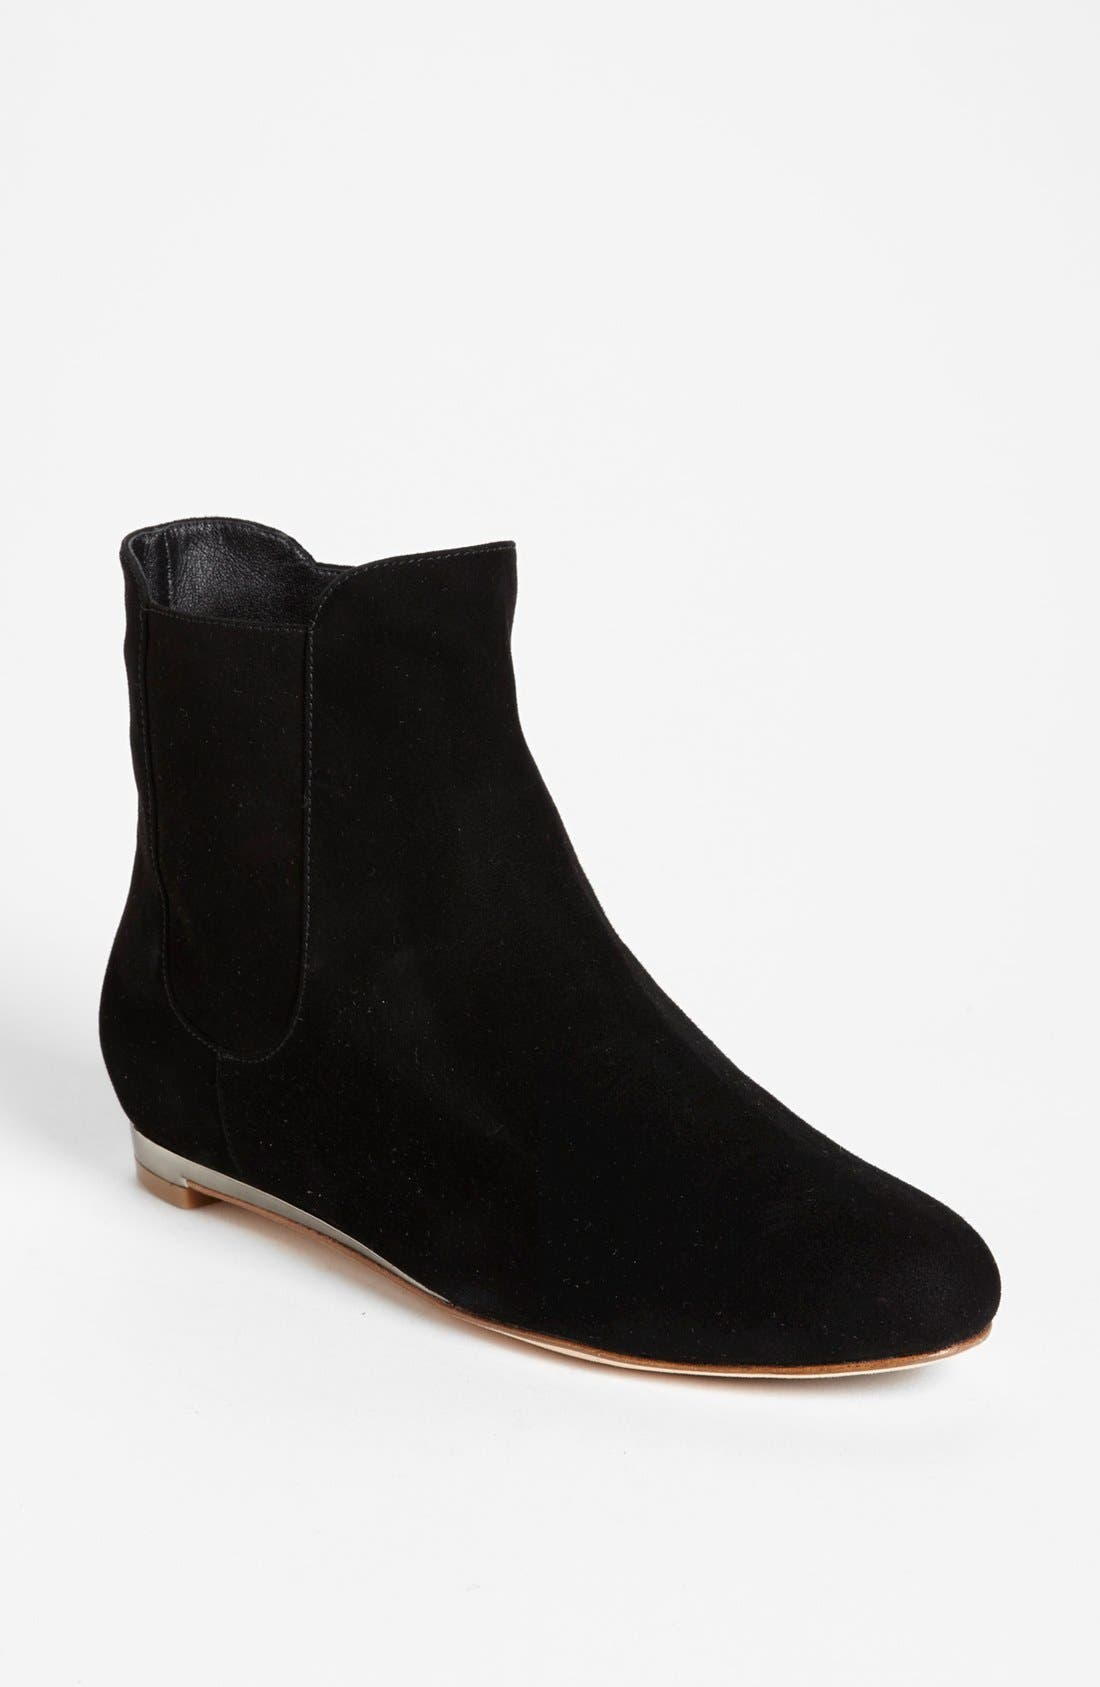 Main Image - Cole Haan 'Astoria' Boot